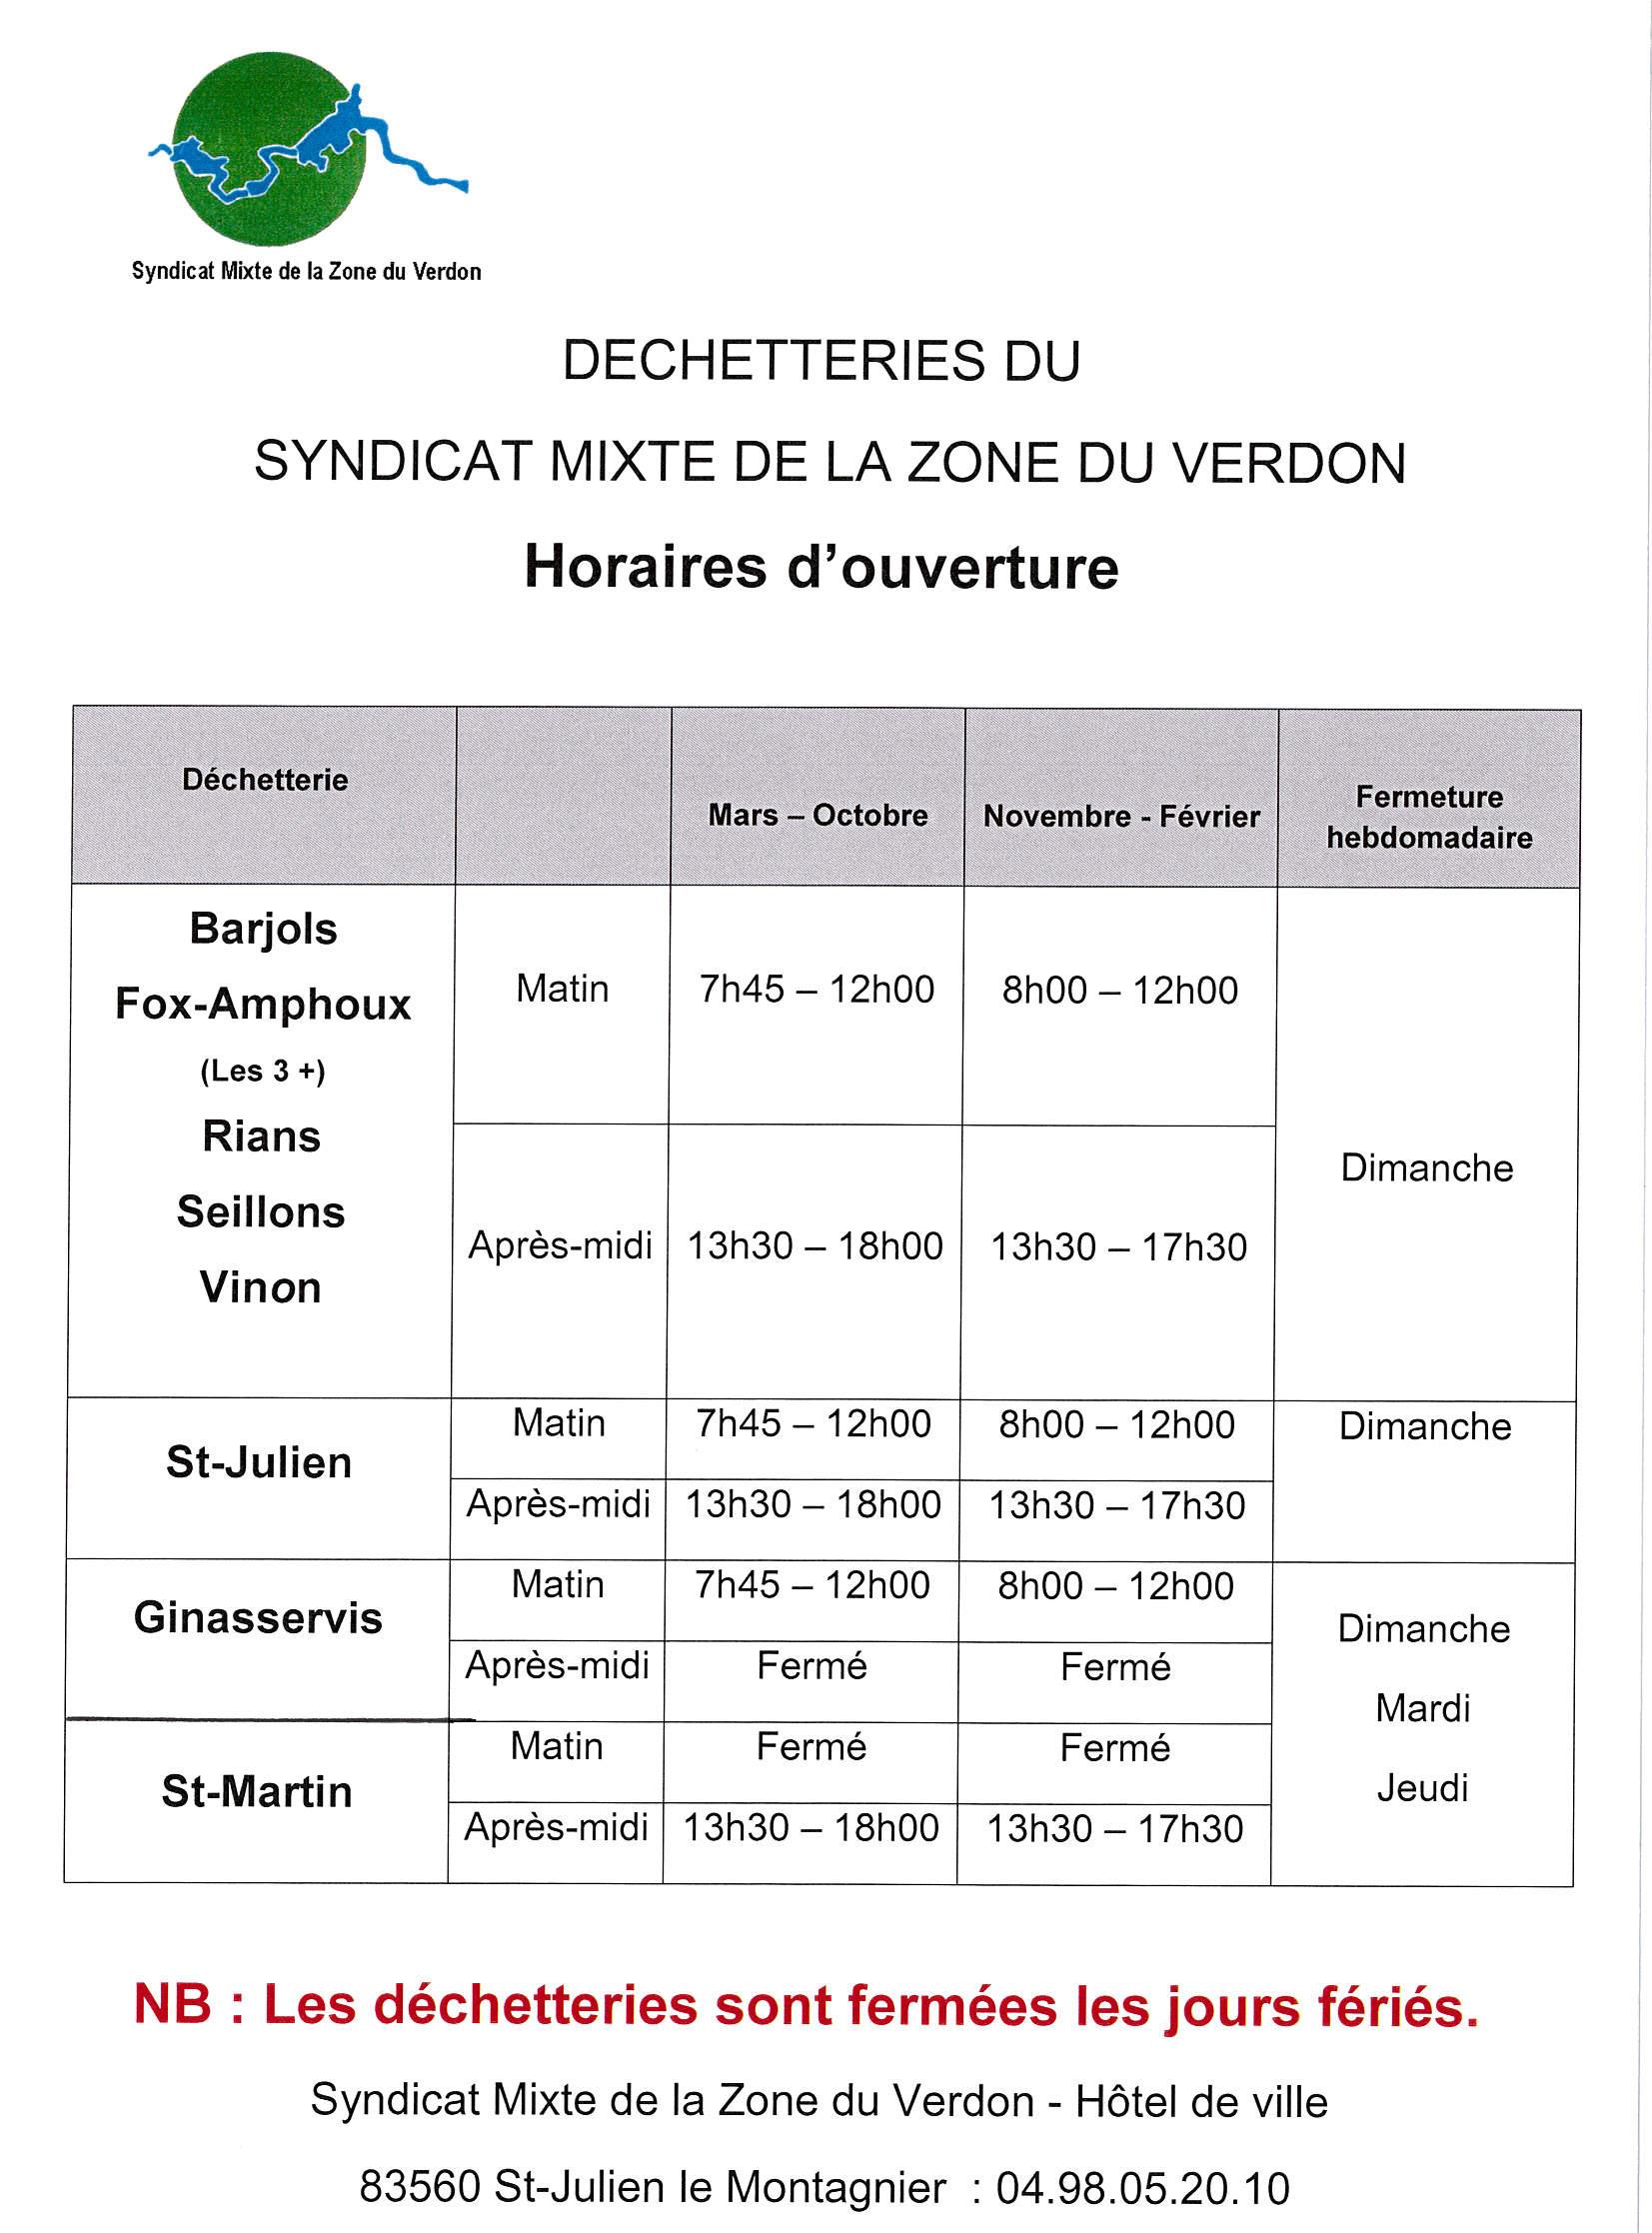 horaires_ouverture_dechetteries_au_3-07-17-jpg